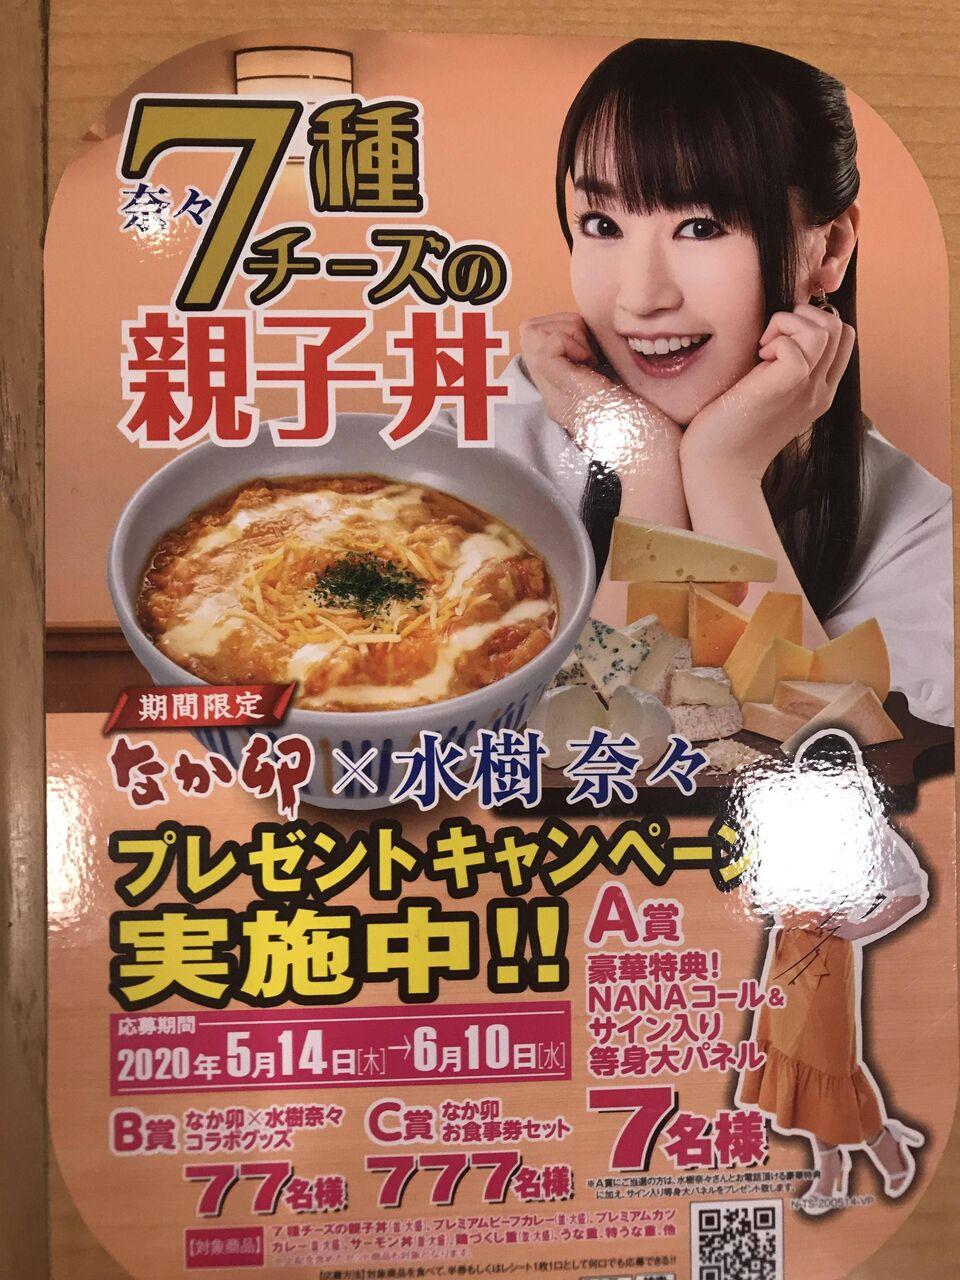 ワイらのなか卯さん、7種のチーズ親子丼を発売してしまうwww